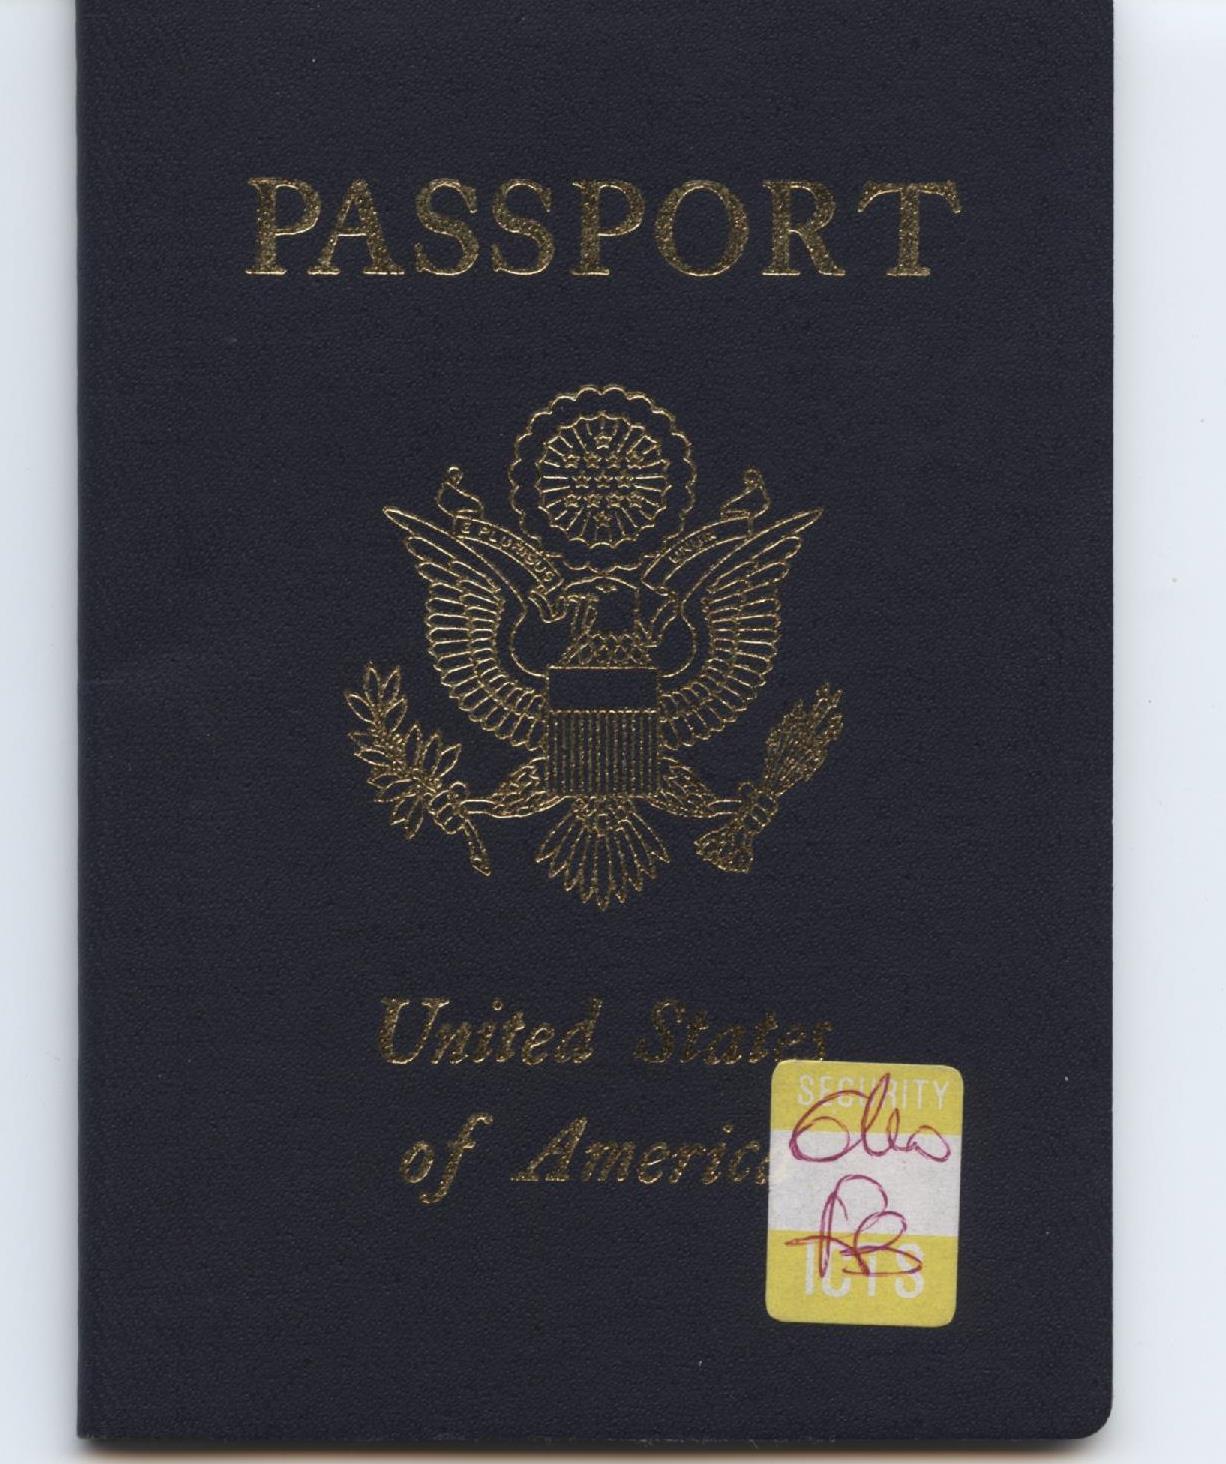 where do i send my passport application